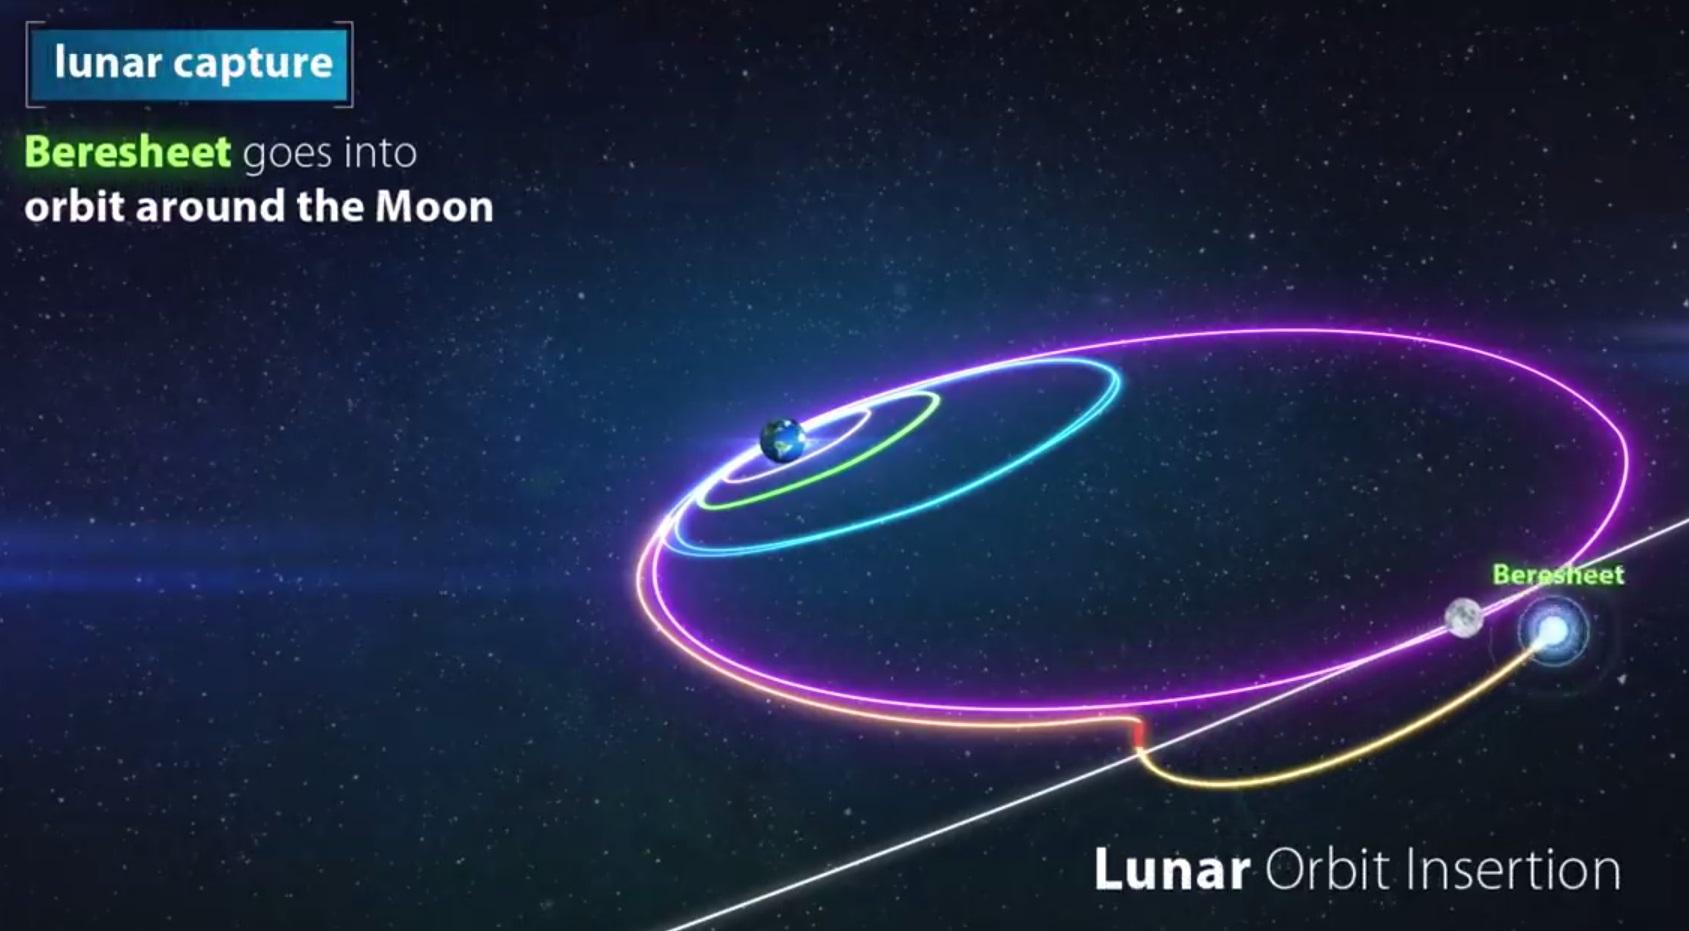 Лунная миссия «Берешит» — четвертый маневр завершен успешно, идет подготовка к выходу на Лунную орбиту - 8